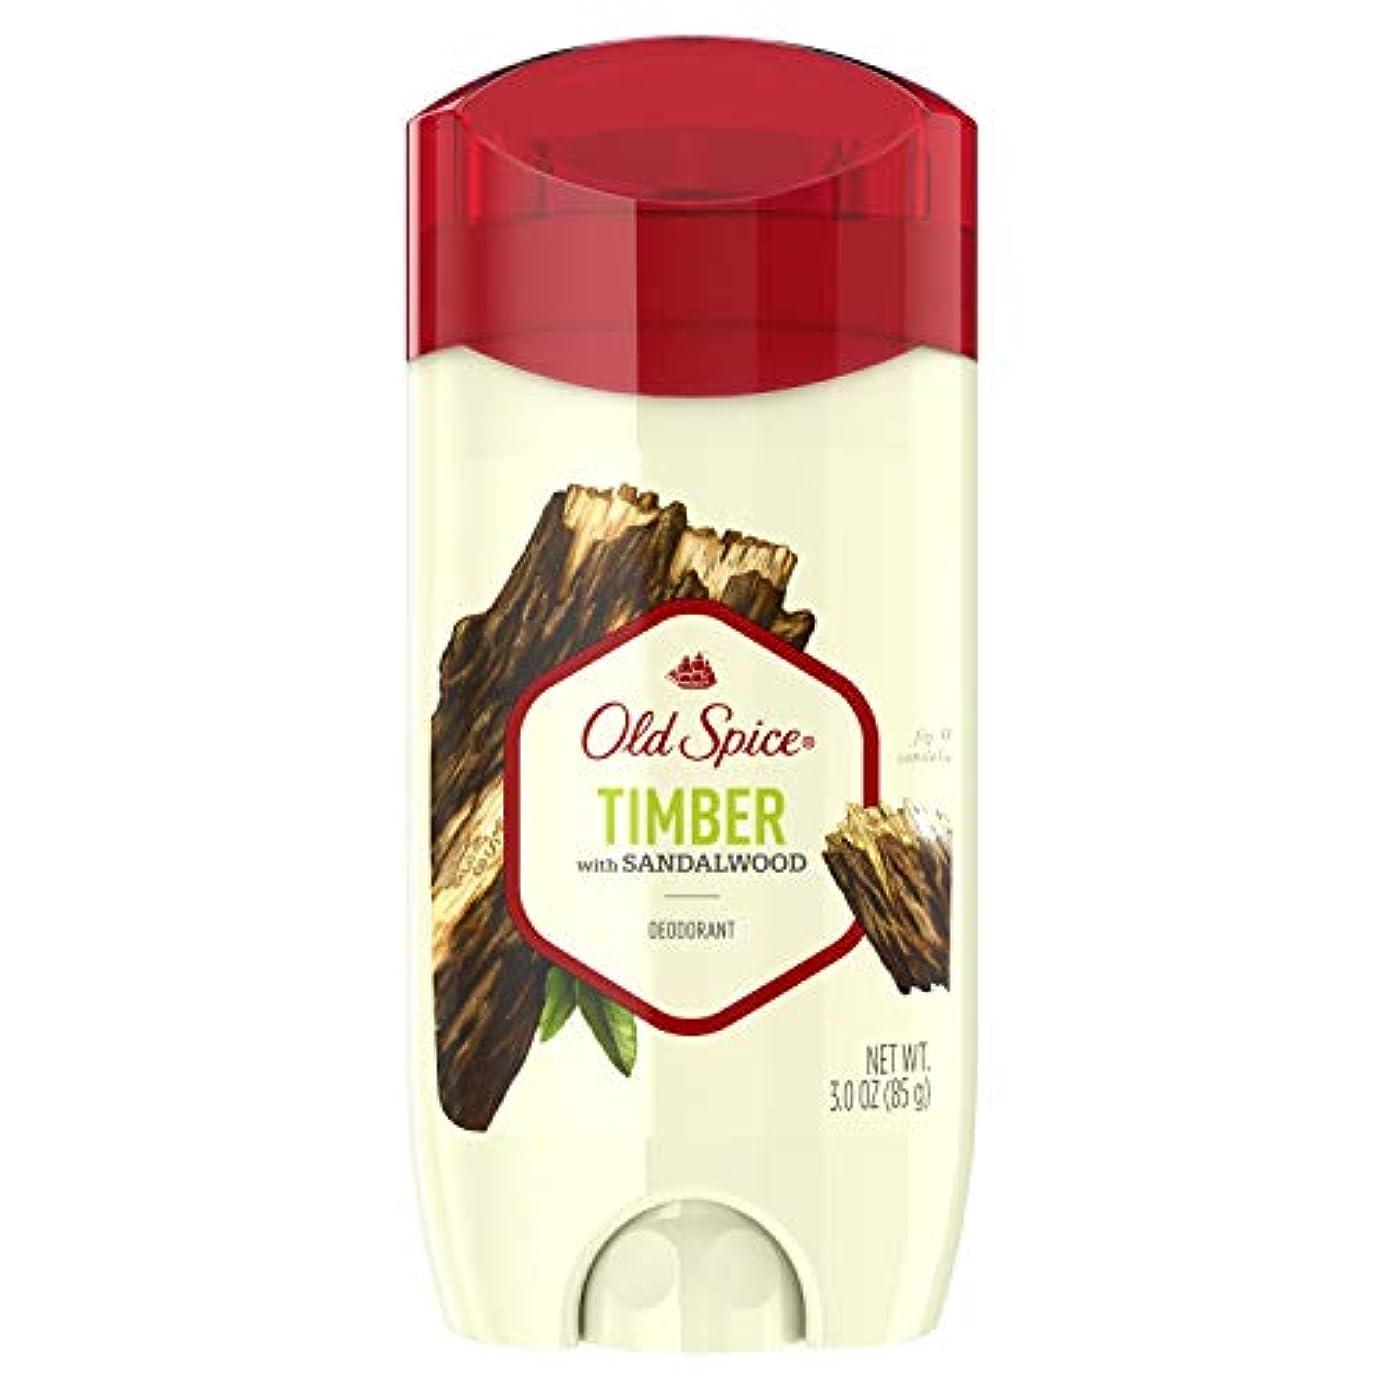 ズーム負冒険Old Spice Fresher Collection Timber Deodorant - 3oz オールドスパイス フレッシャー コレクション ティンバー デオドラント 85g [並行輸入品]